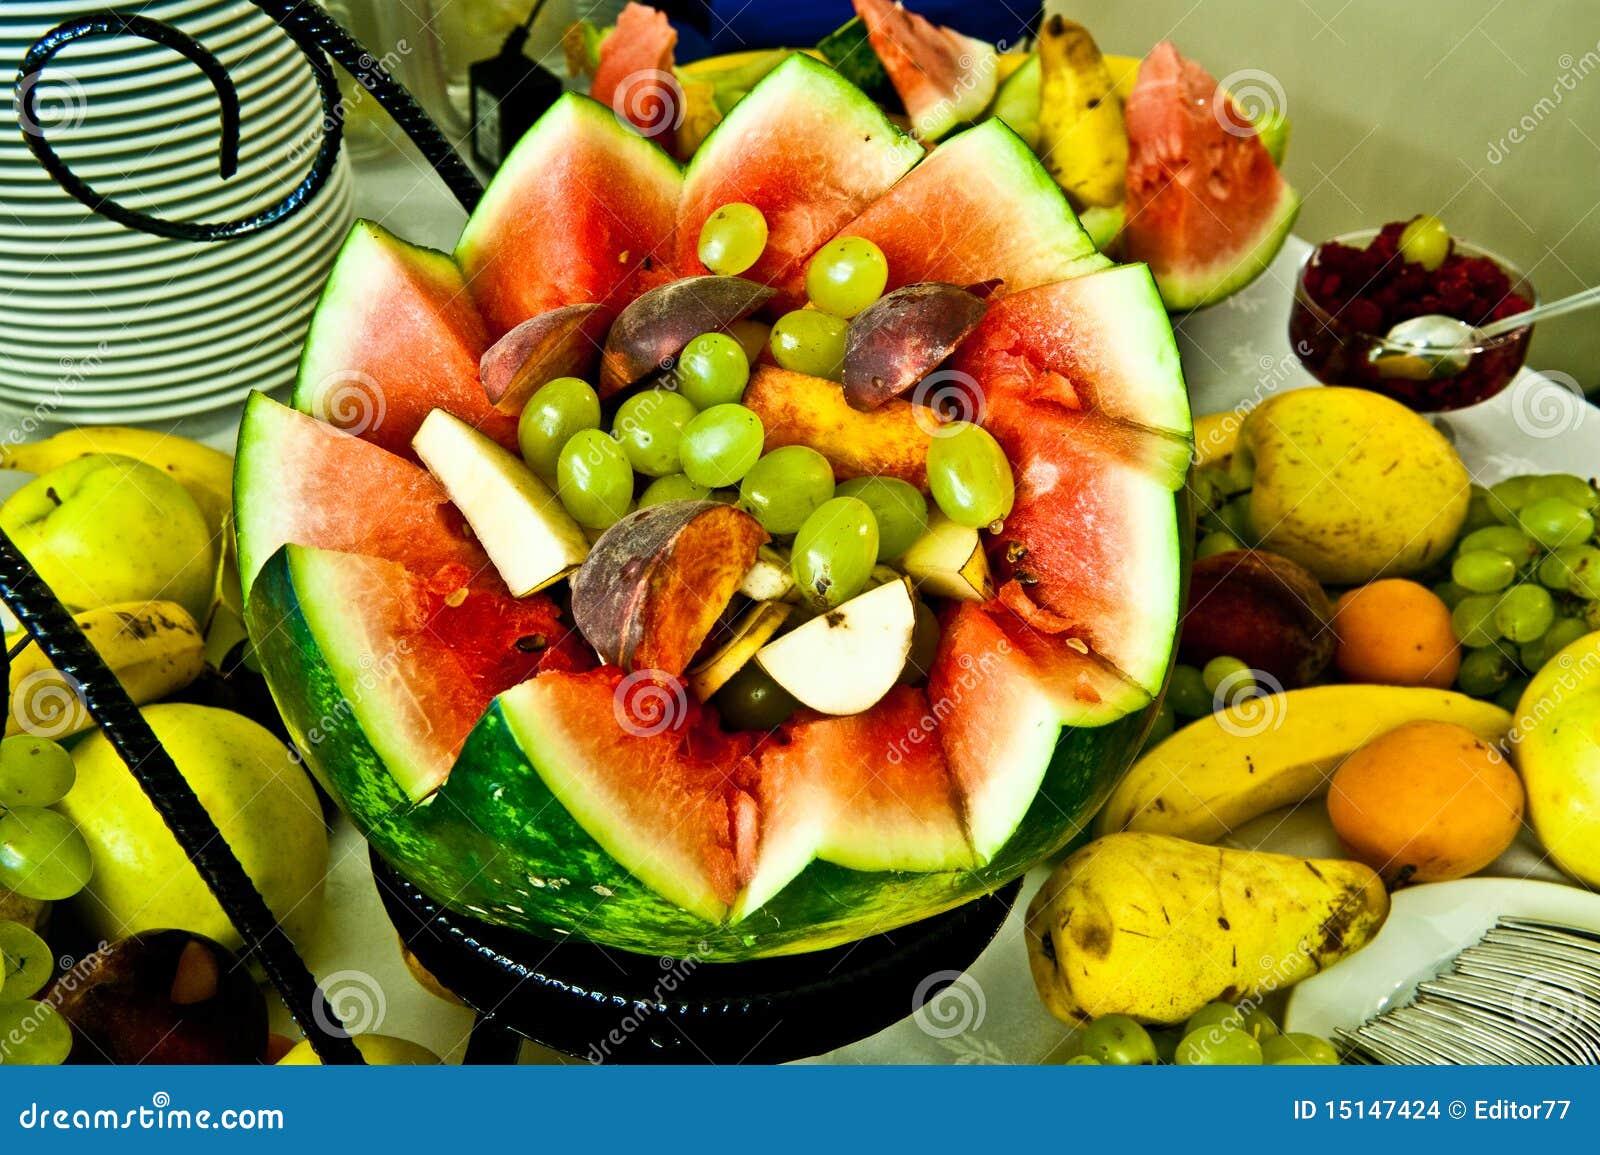 Escardar Las Frutas Clasificadas Del Arreglo Foto De